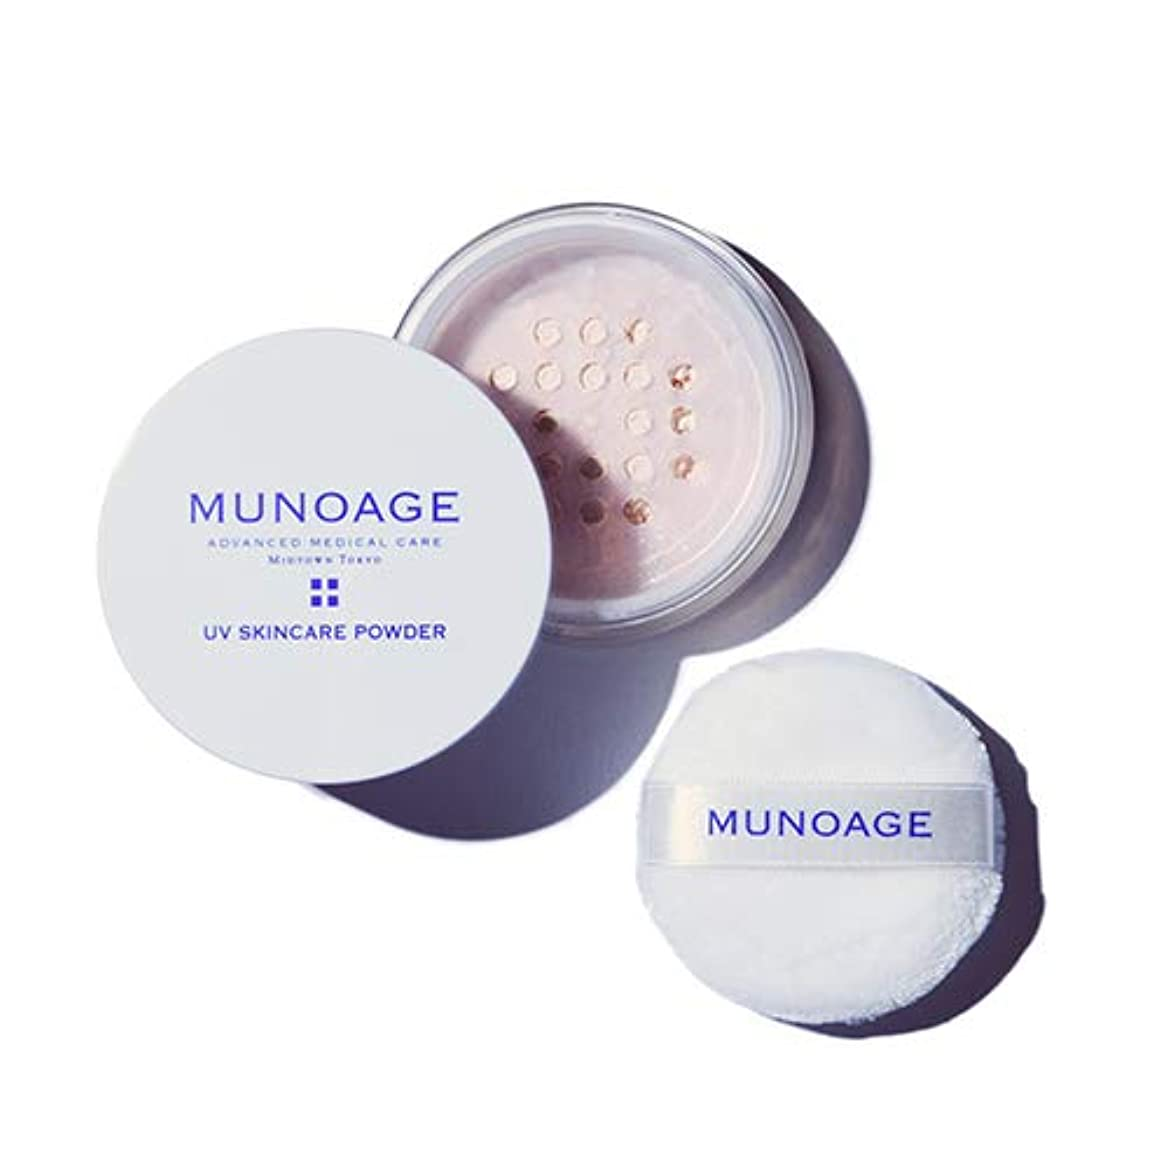 暗記するインポート処方MUNOAGE UVスキンケアパウダー 6g【日焼け止めパウダー】SPF50+ PA+++ 素肌のような仕上がり くすみ/毛穴カバー メイク直し 専用パフ付き【限定プレゼントセット】